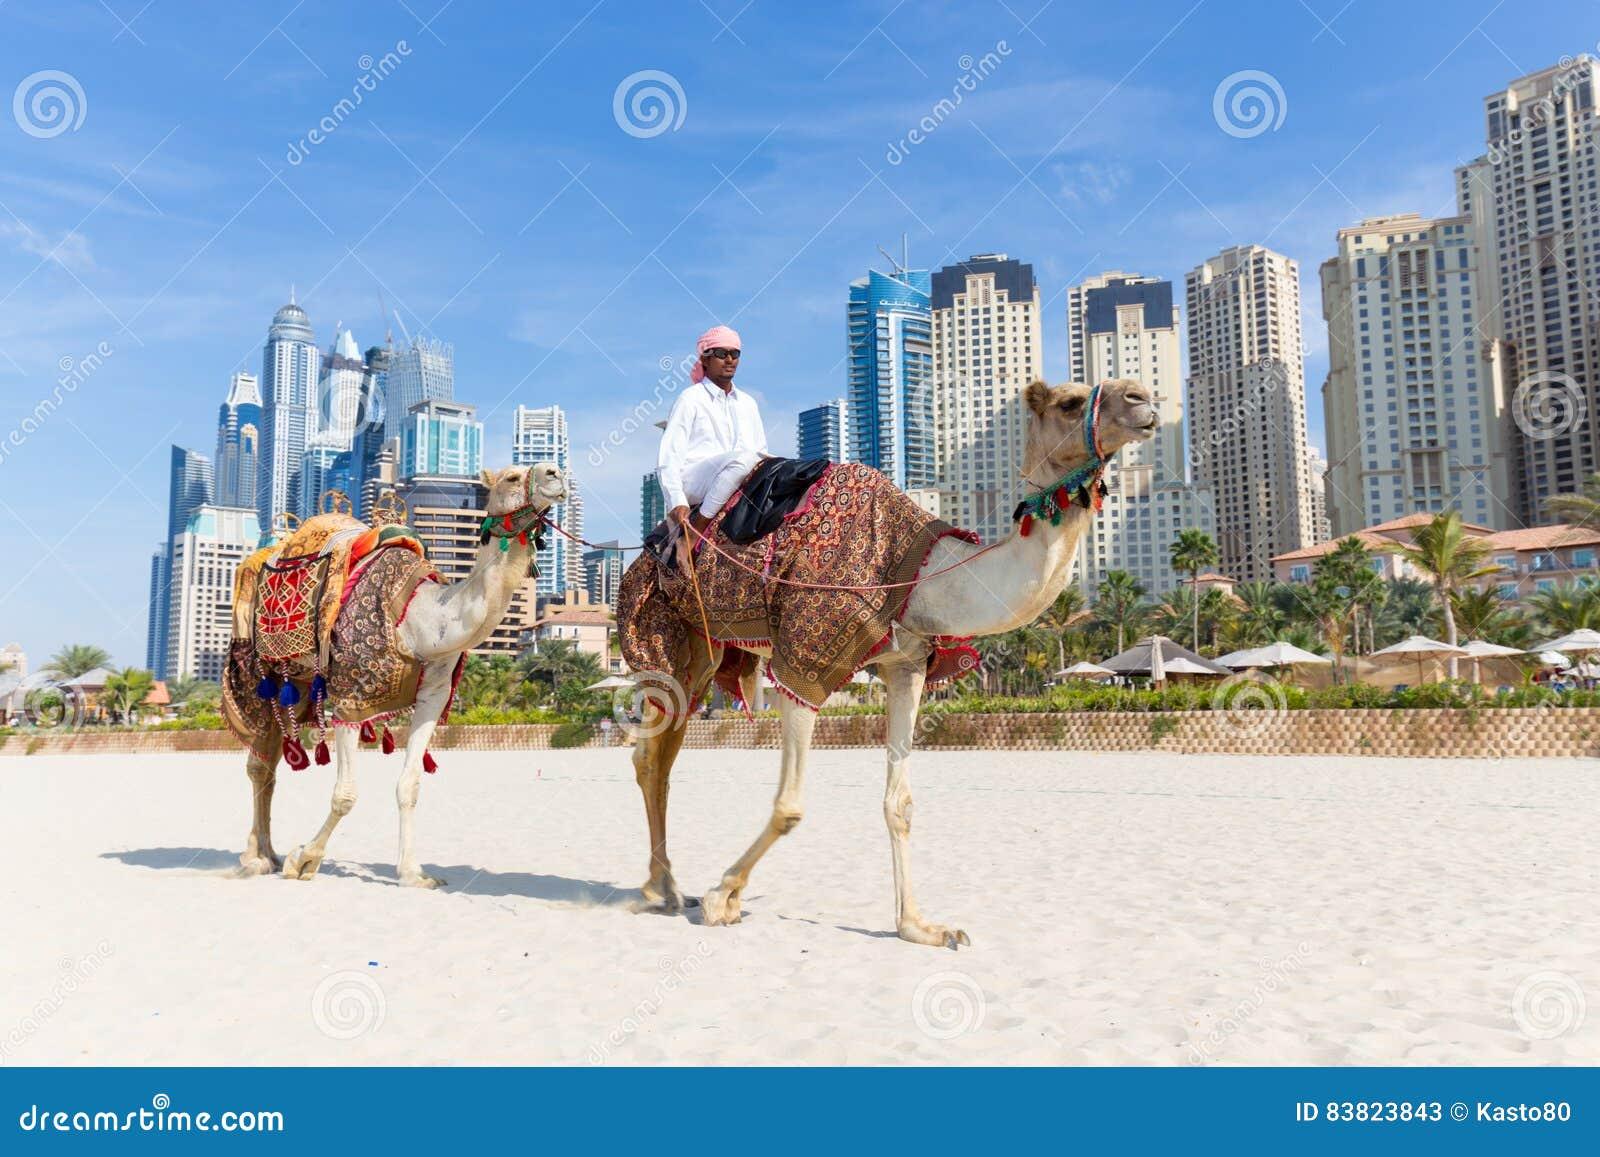 Passeio de oferecimento do camelo do homem na praia de Jumeirah, Dubai, Emiratos Árabes Unidos